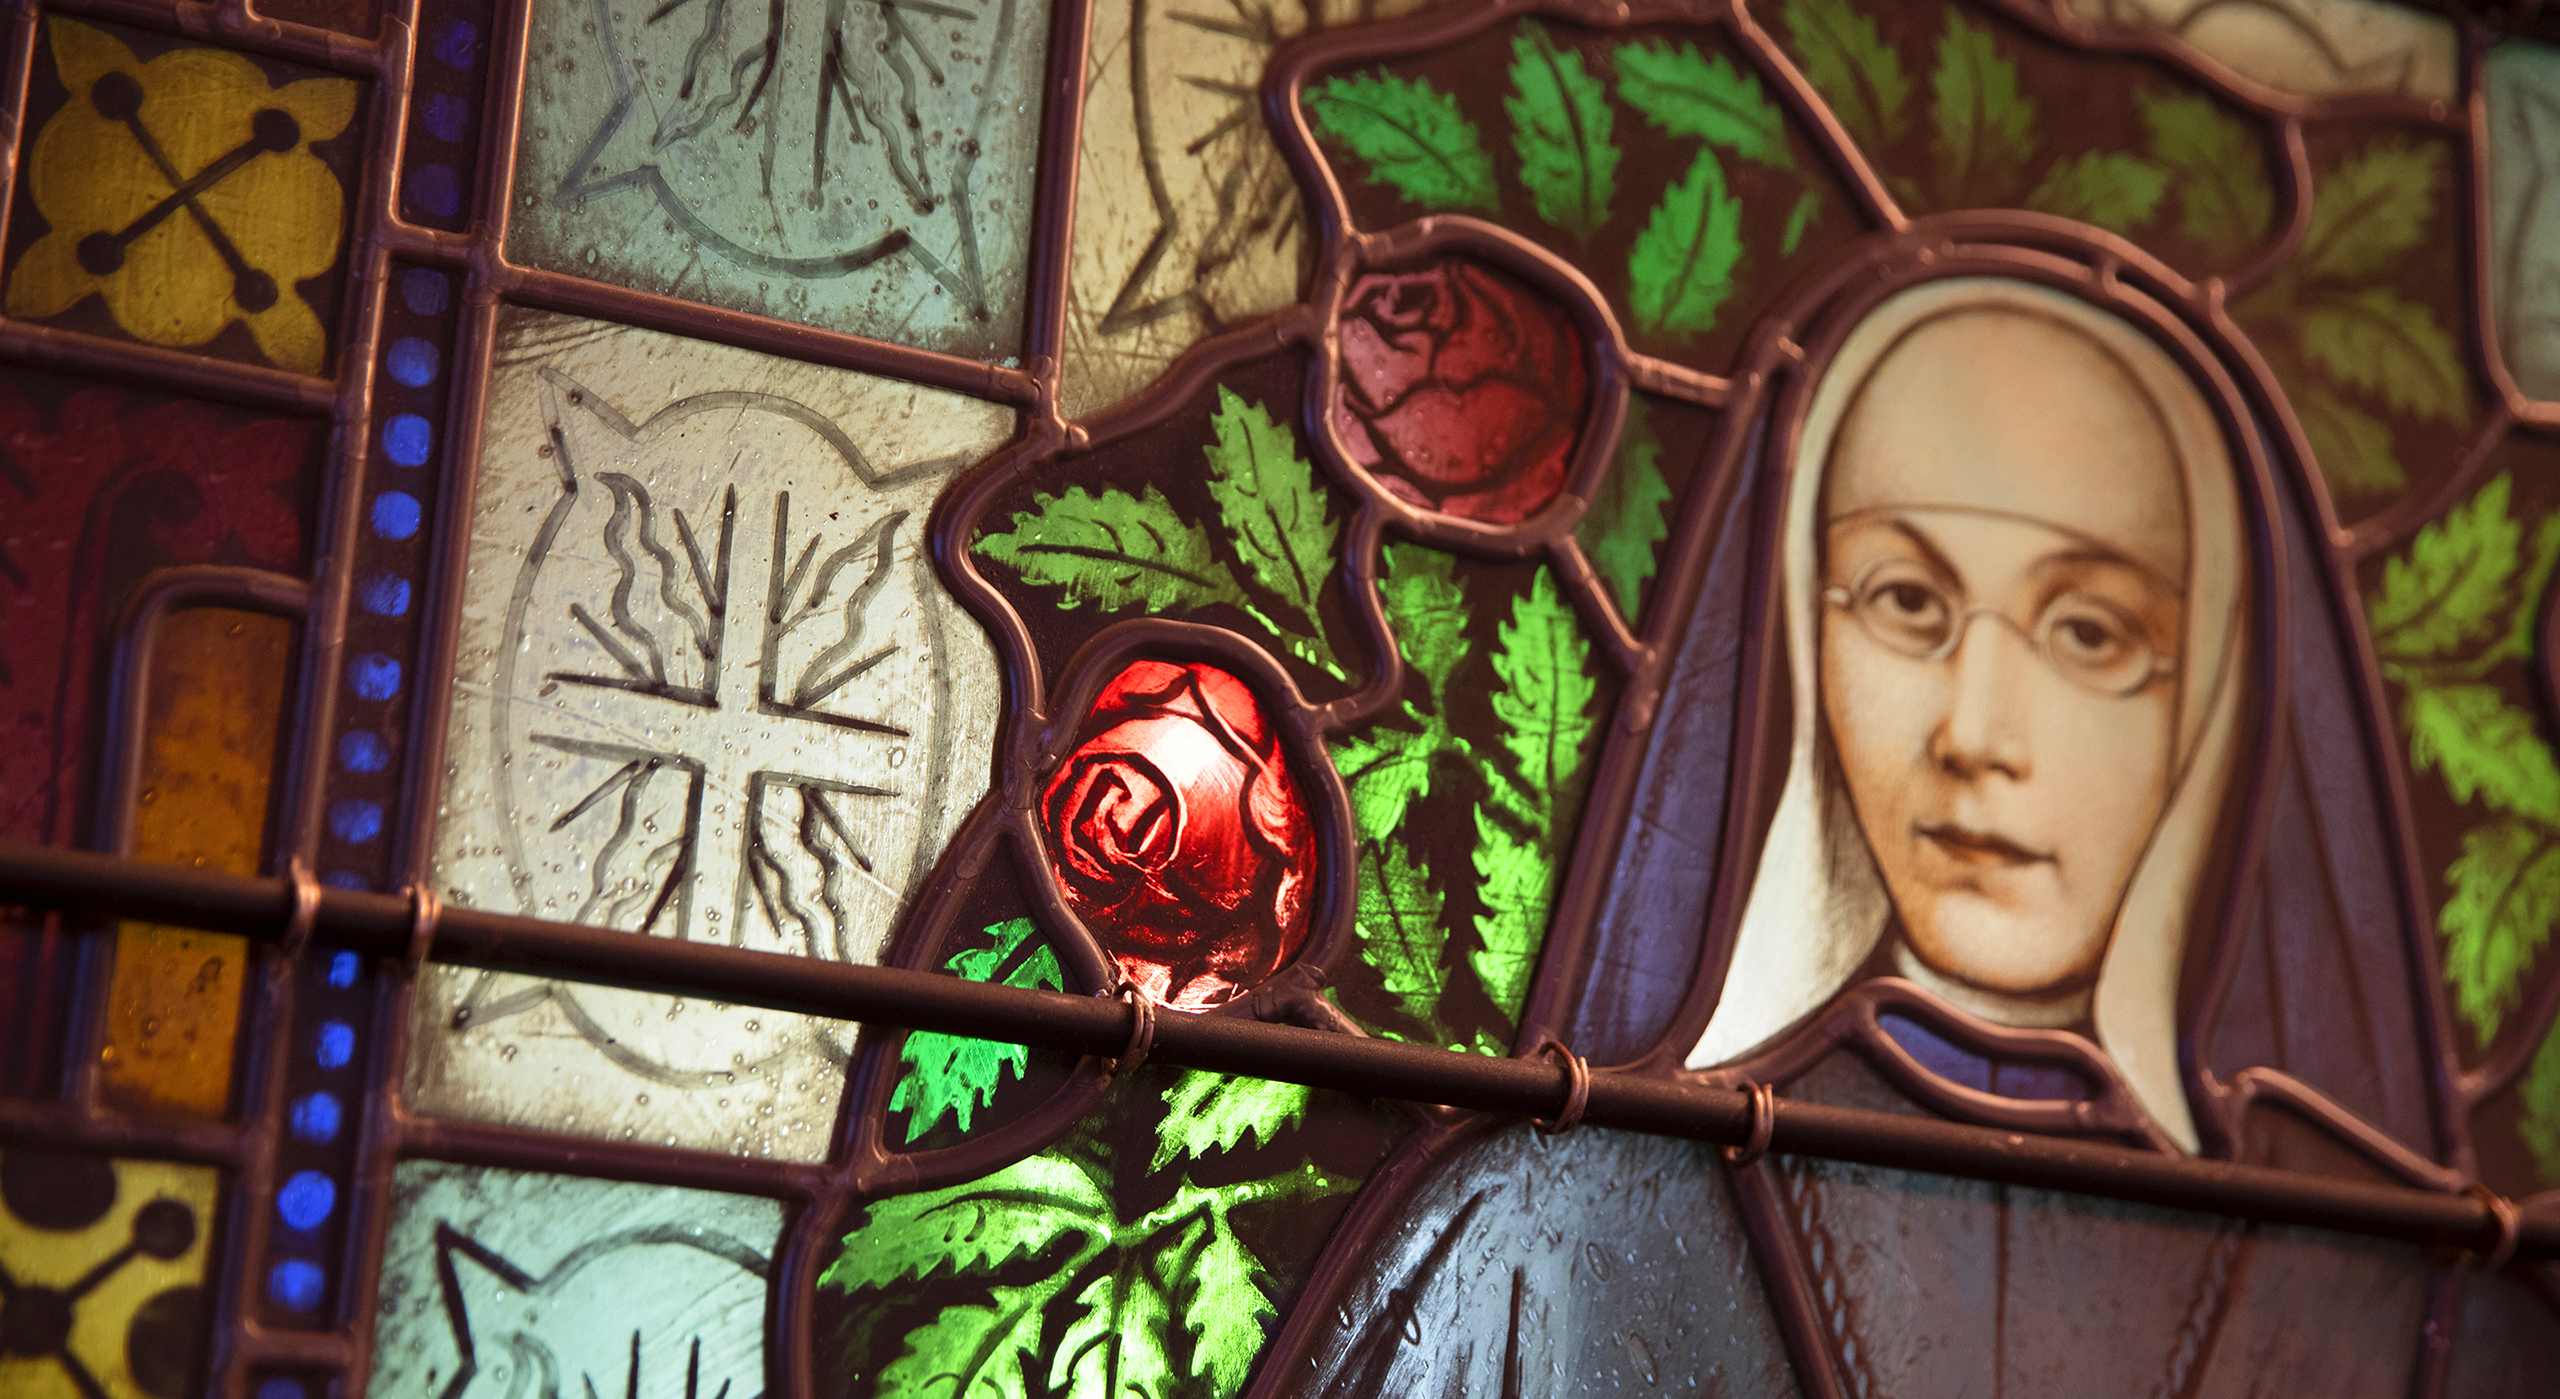 Sister Marie Rose Durocher